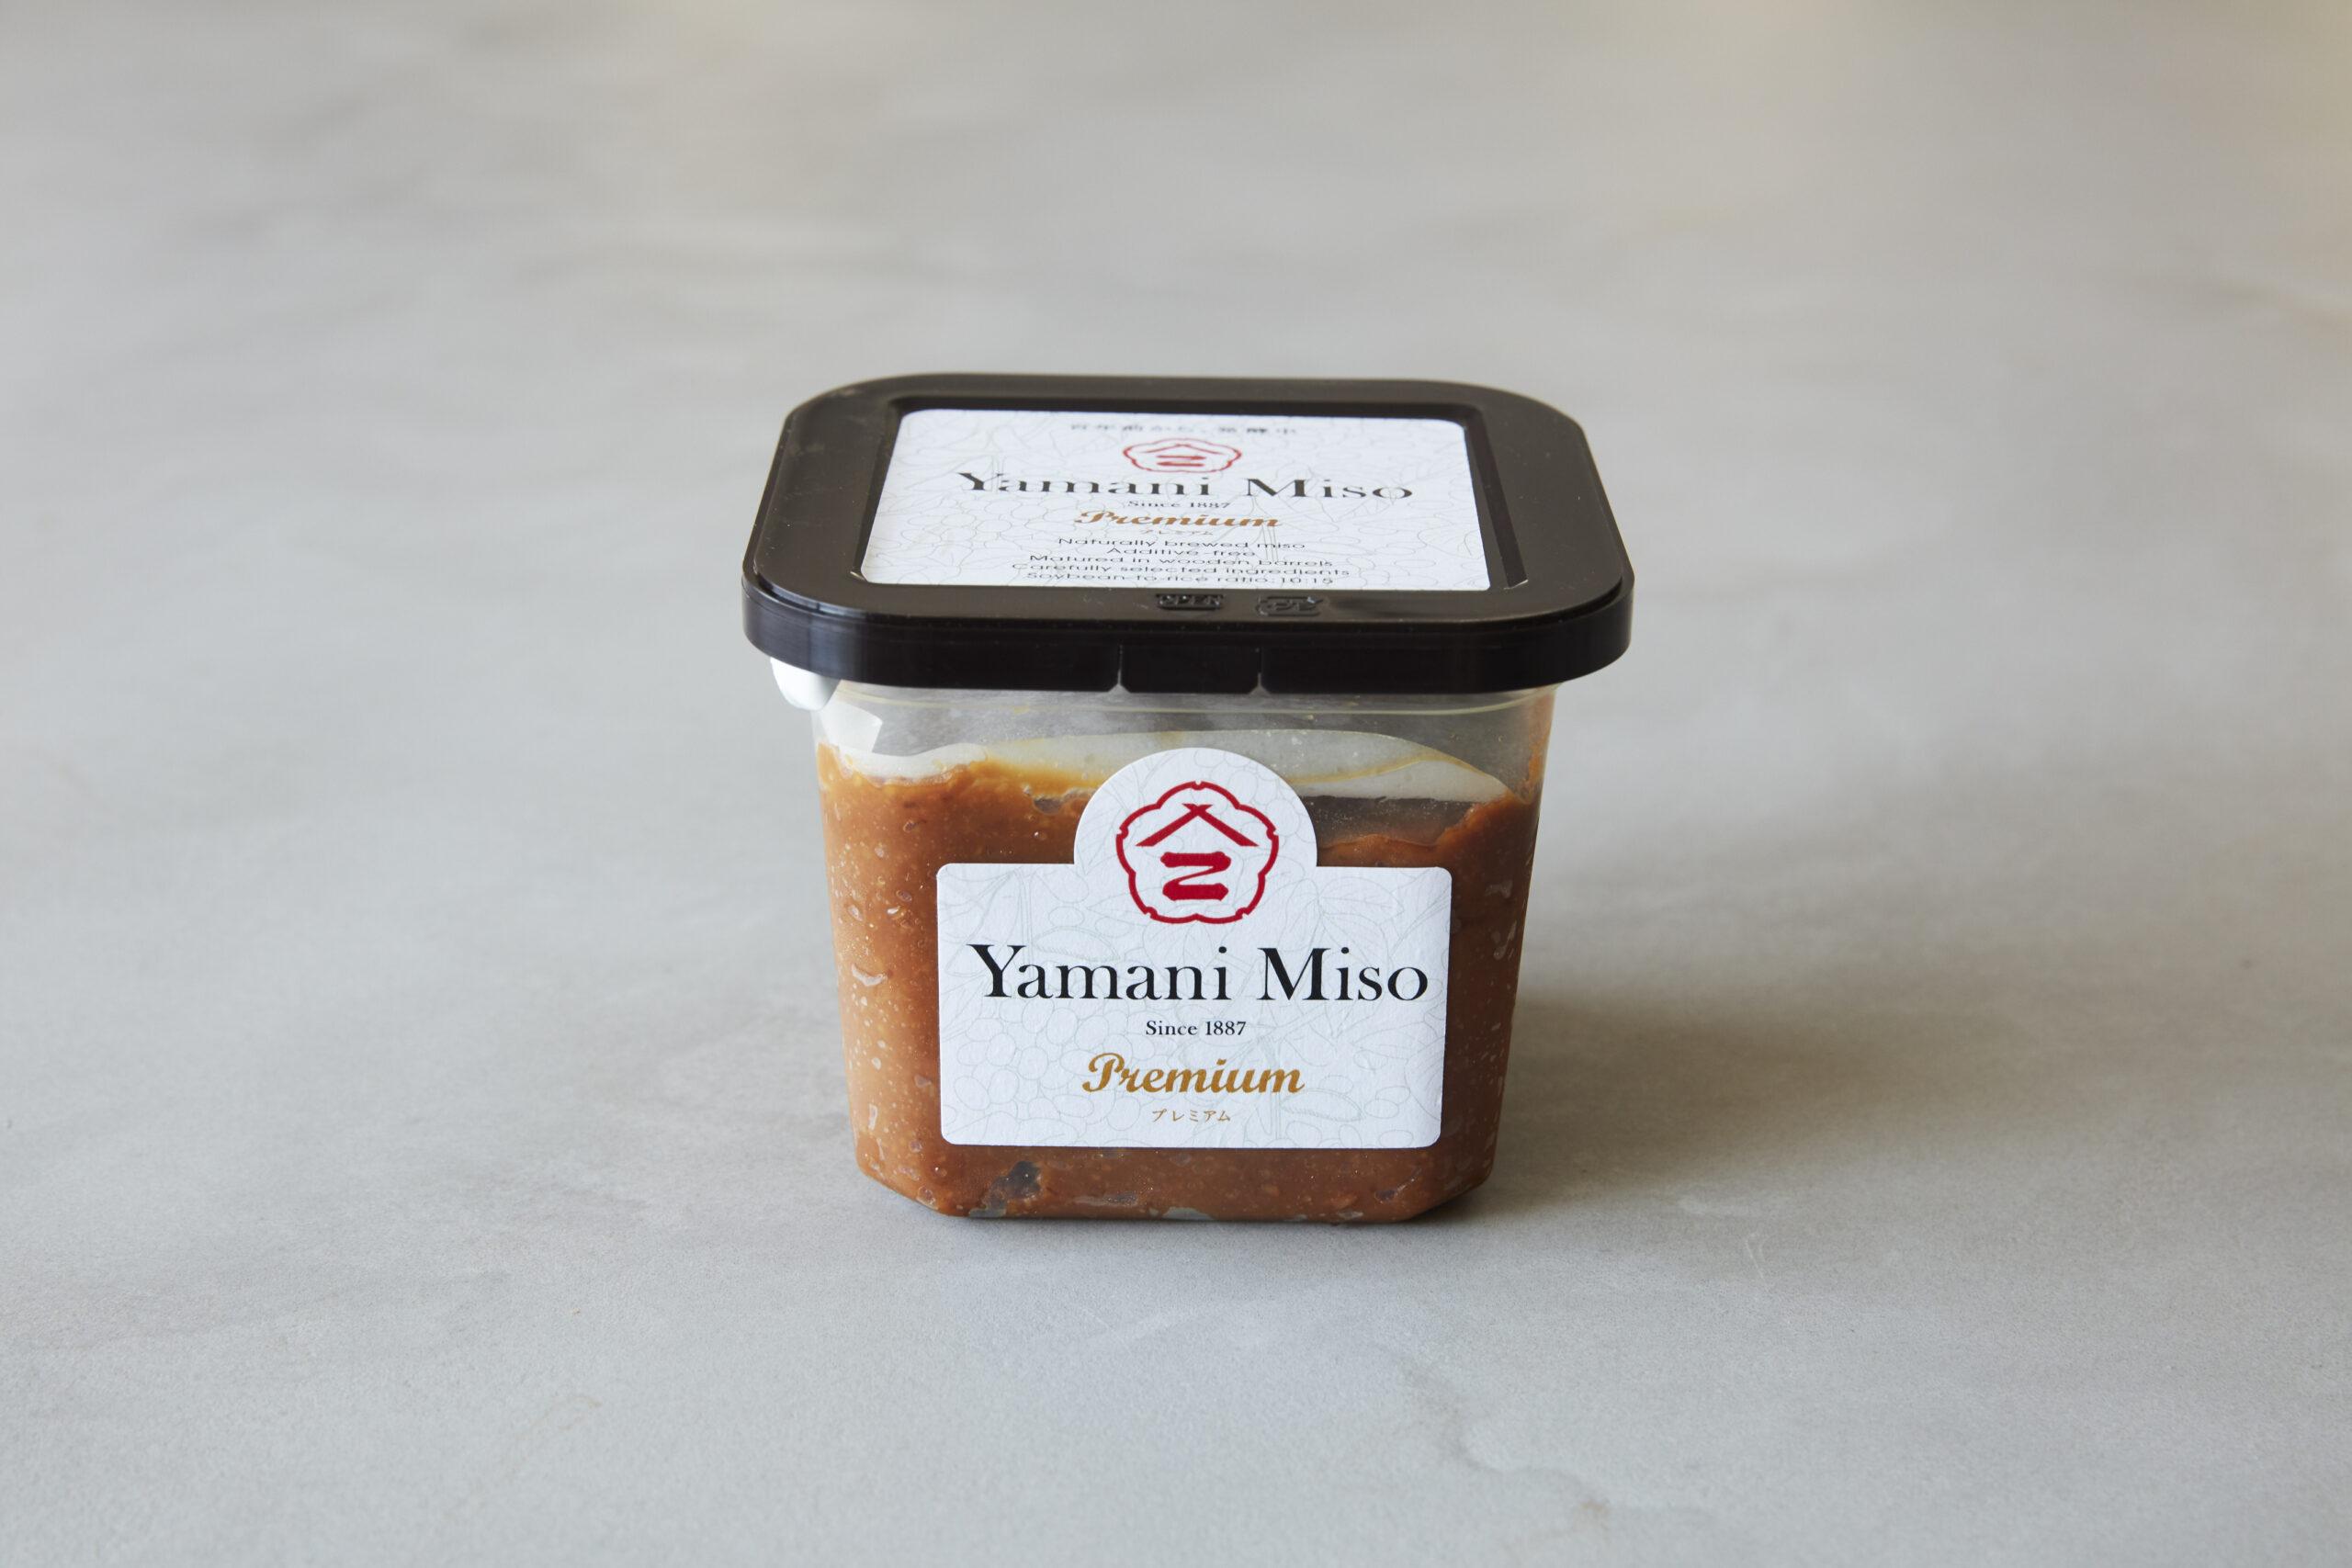 ヤマニ味噌プレミアム発売再開のお知らせ。